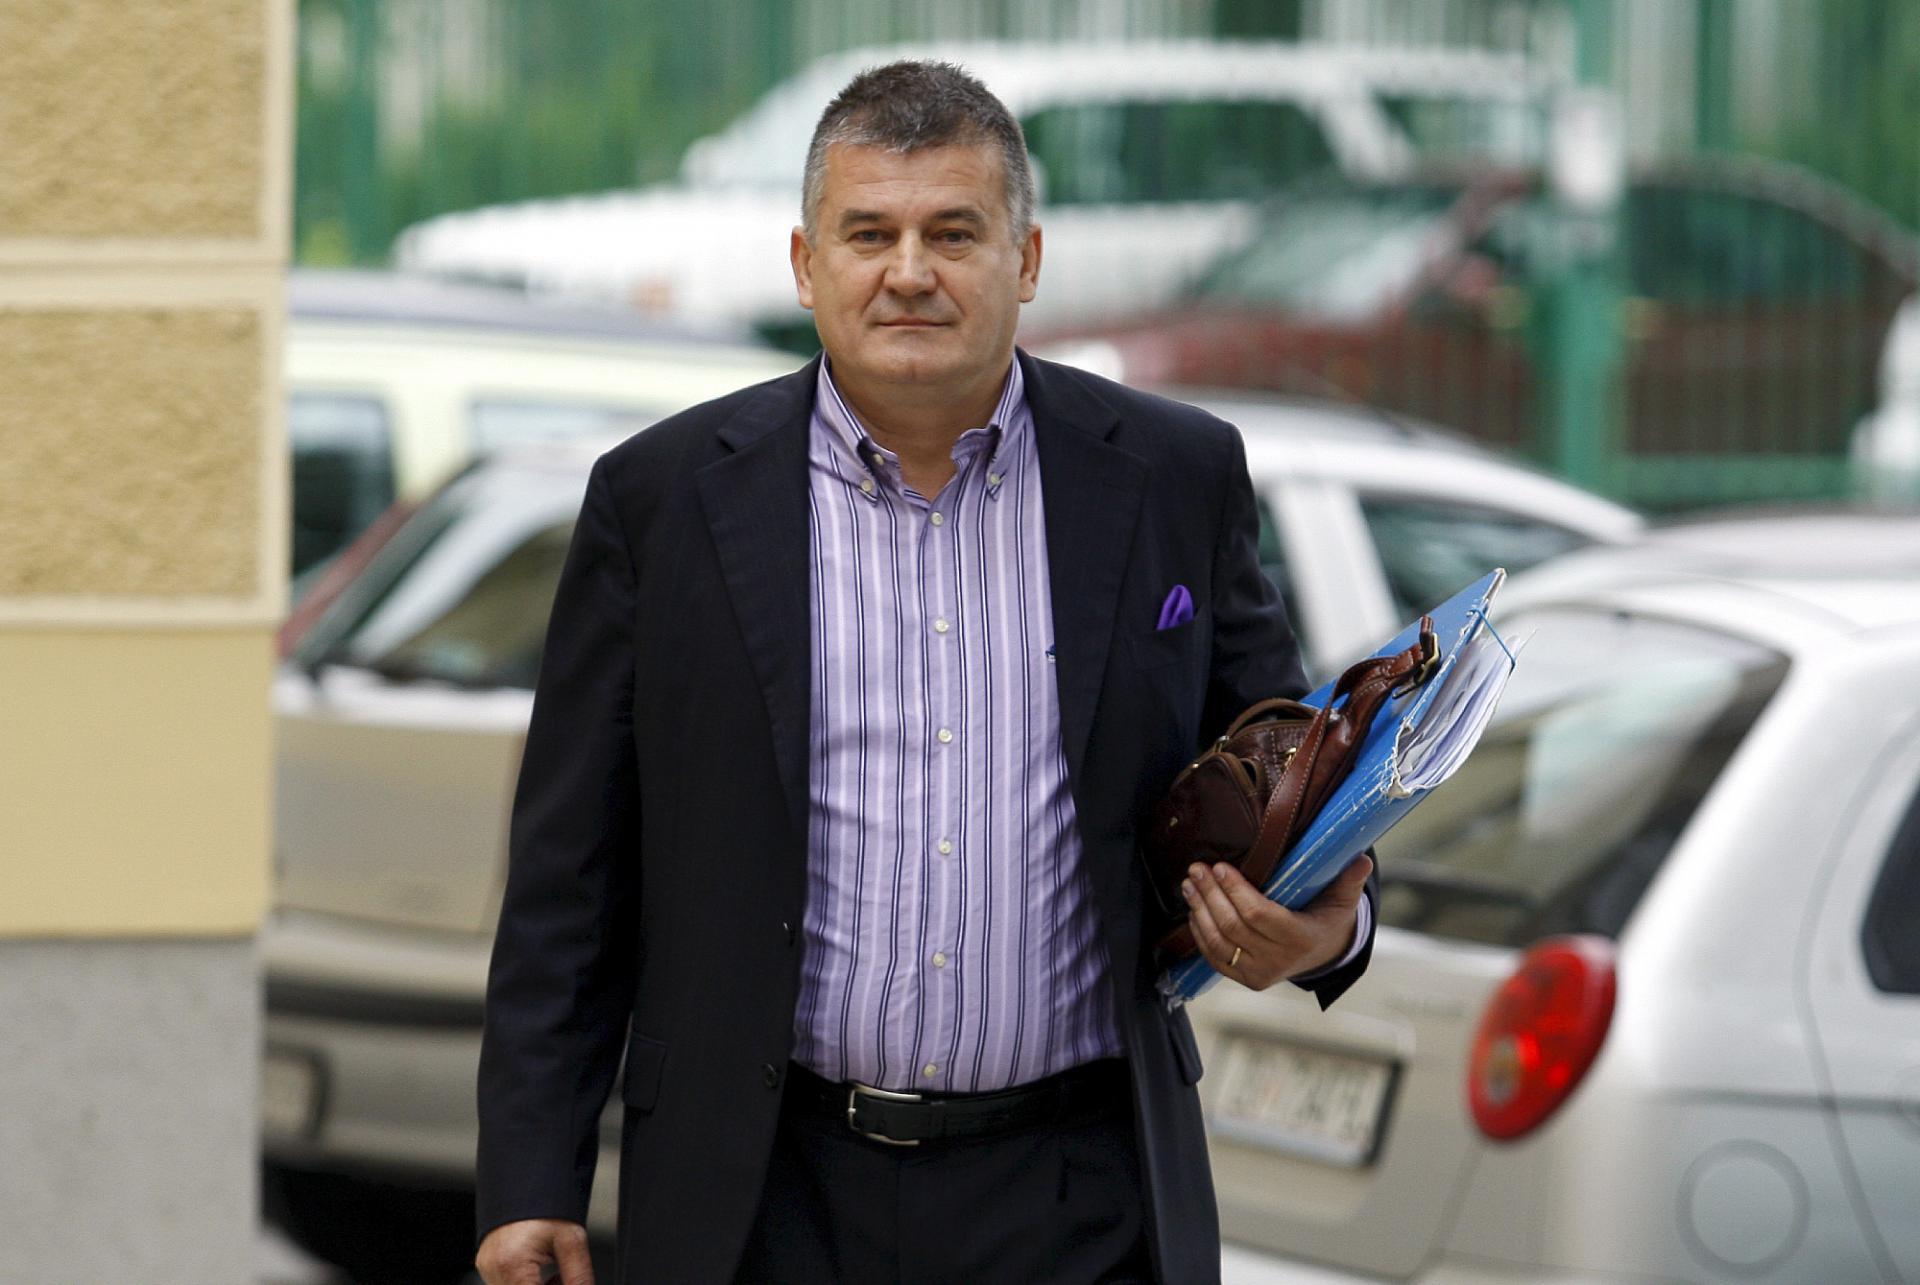 Širokobriješki tajkun Miroslav Kutle, kojemu je Franjo Tuđman poklonio neke od najuspješnijih hrvatskih tvrtki, a on ih je sve upropastio, spasio se zastarom